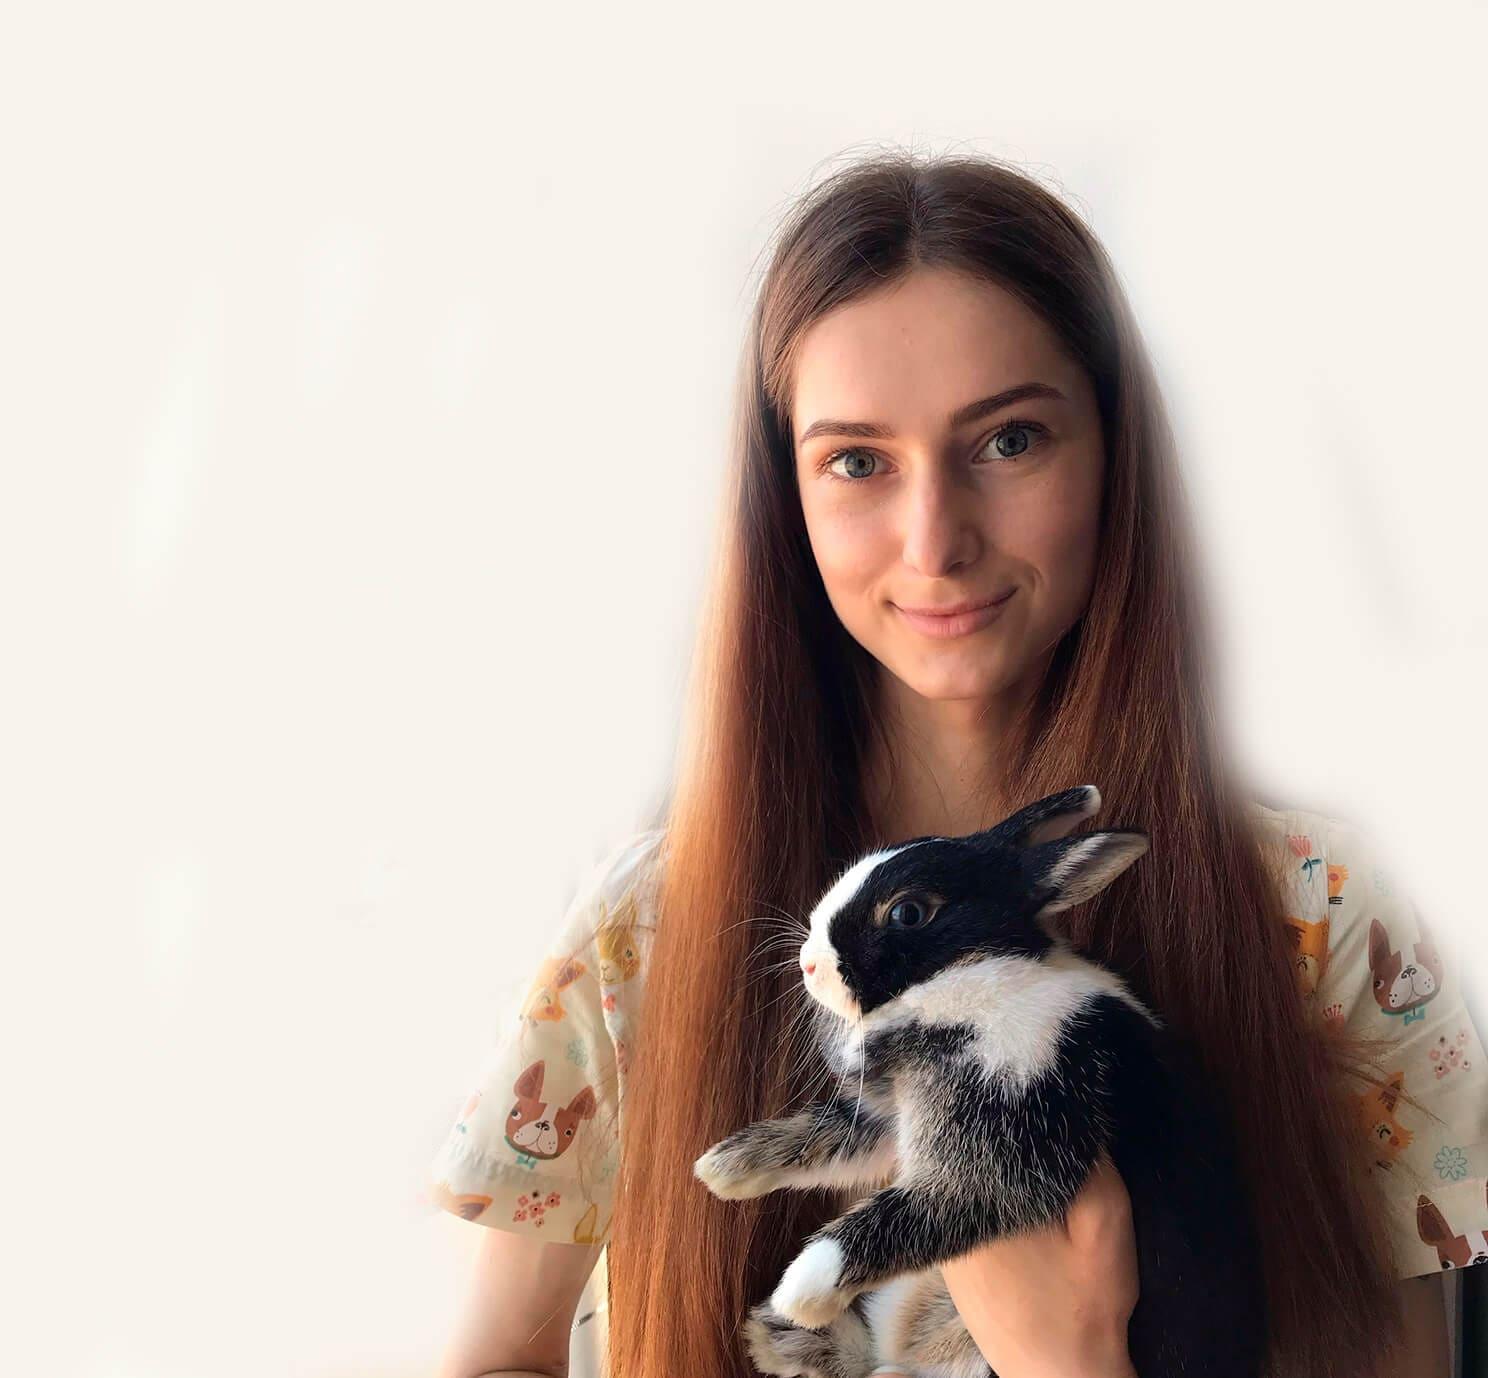 Врач А-ВЕТ Шабульдо Екатерина Владиславовна